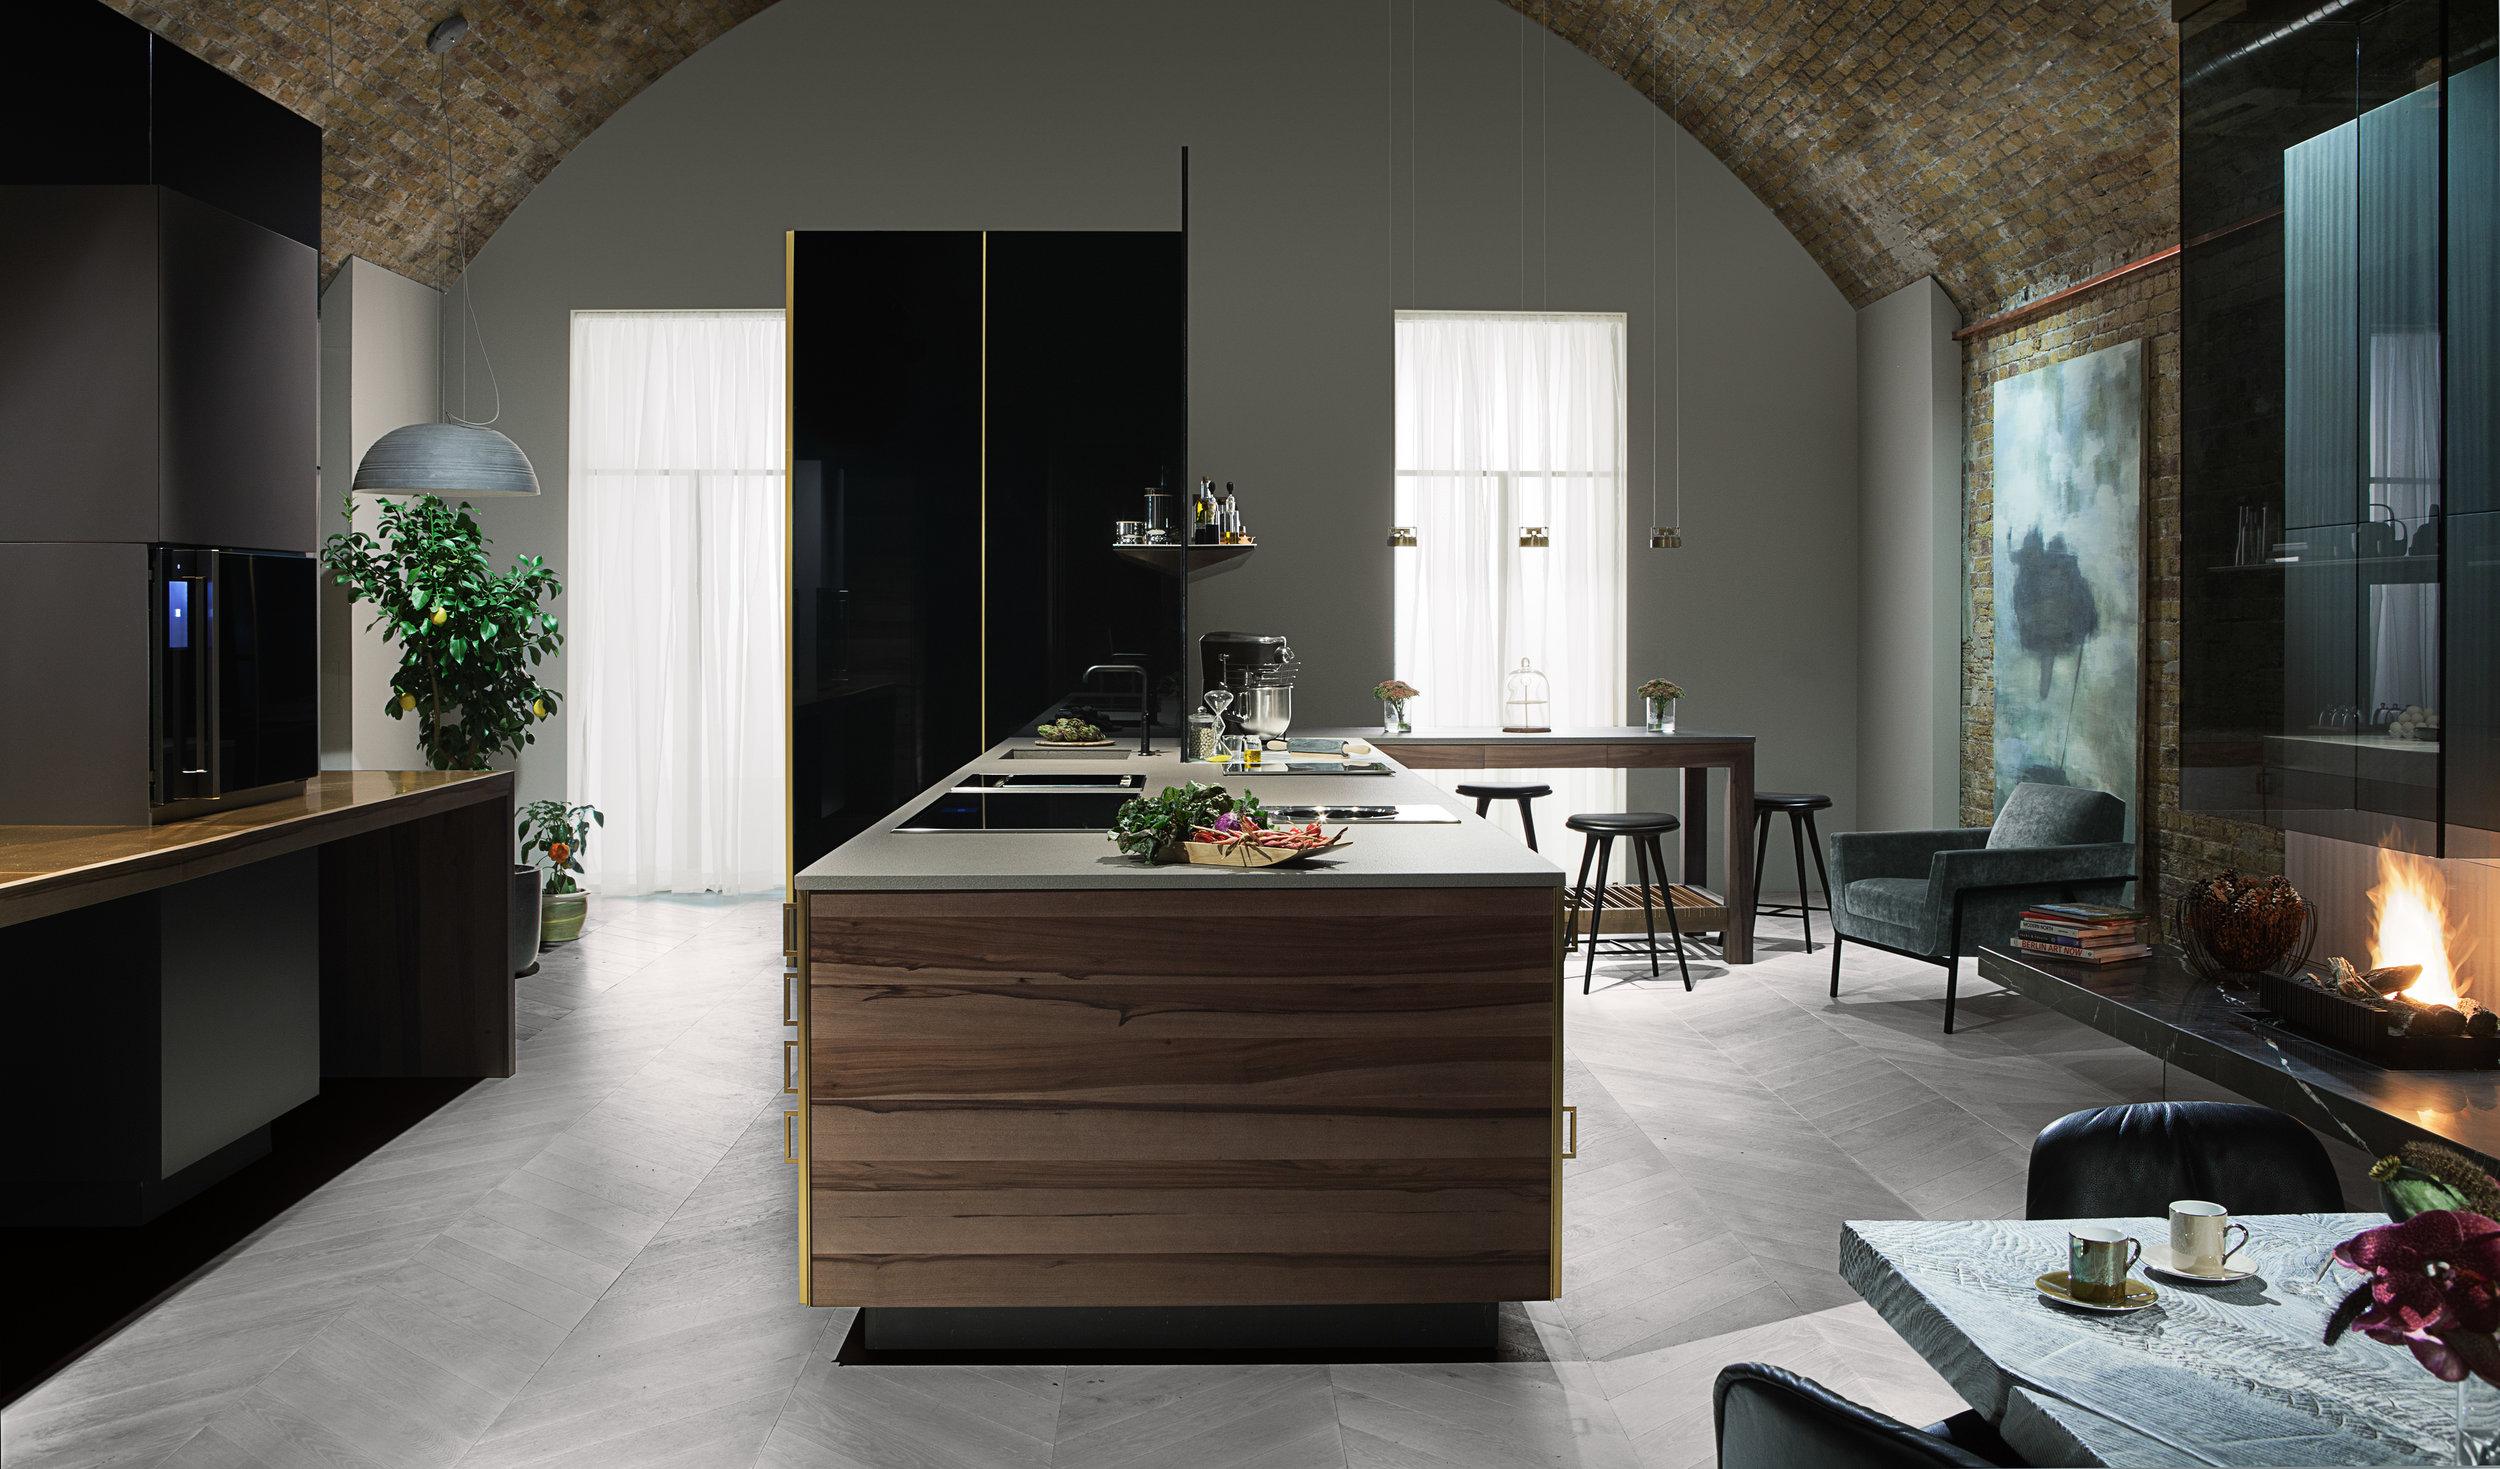 140908_Poggenpohl_Kitchen_2.jpg